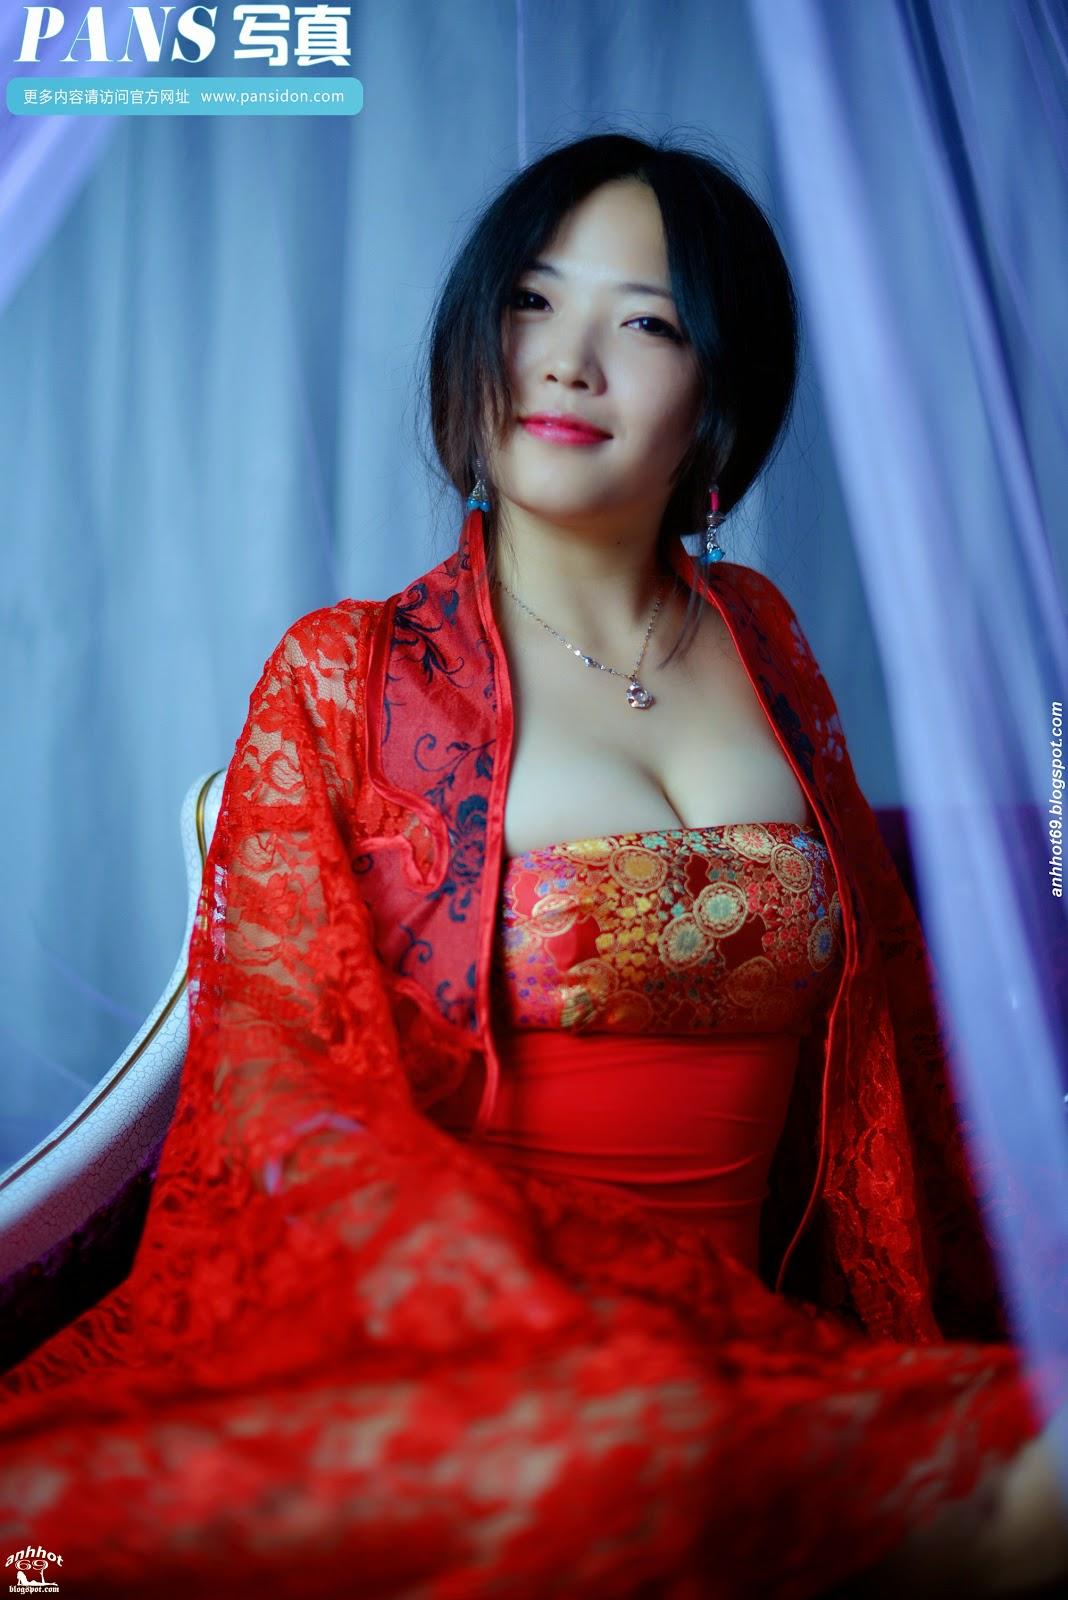 yuhan-pansidon-02851557